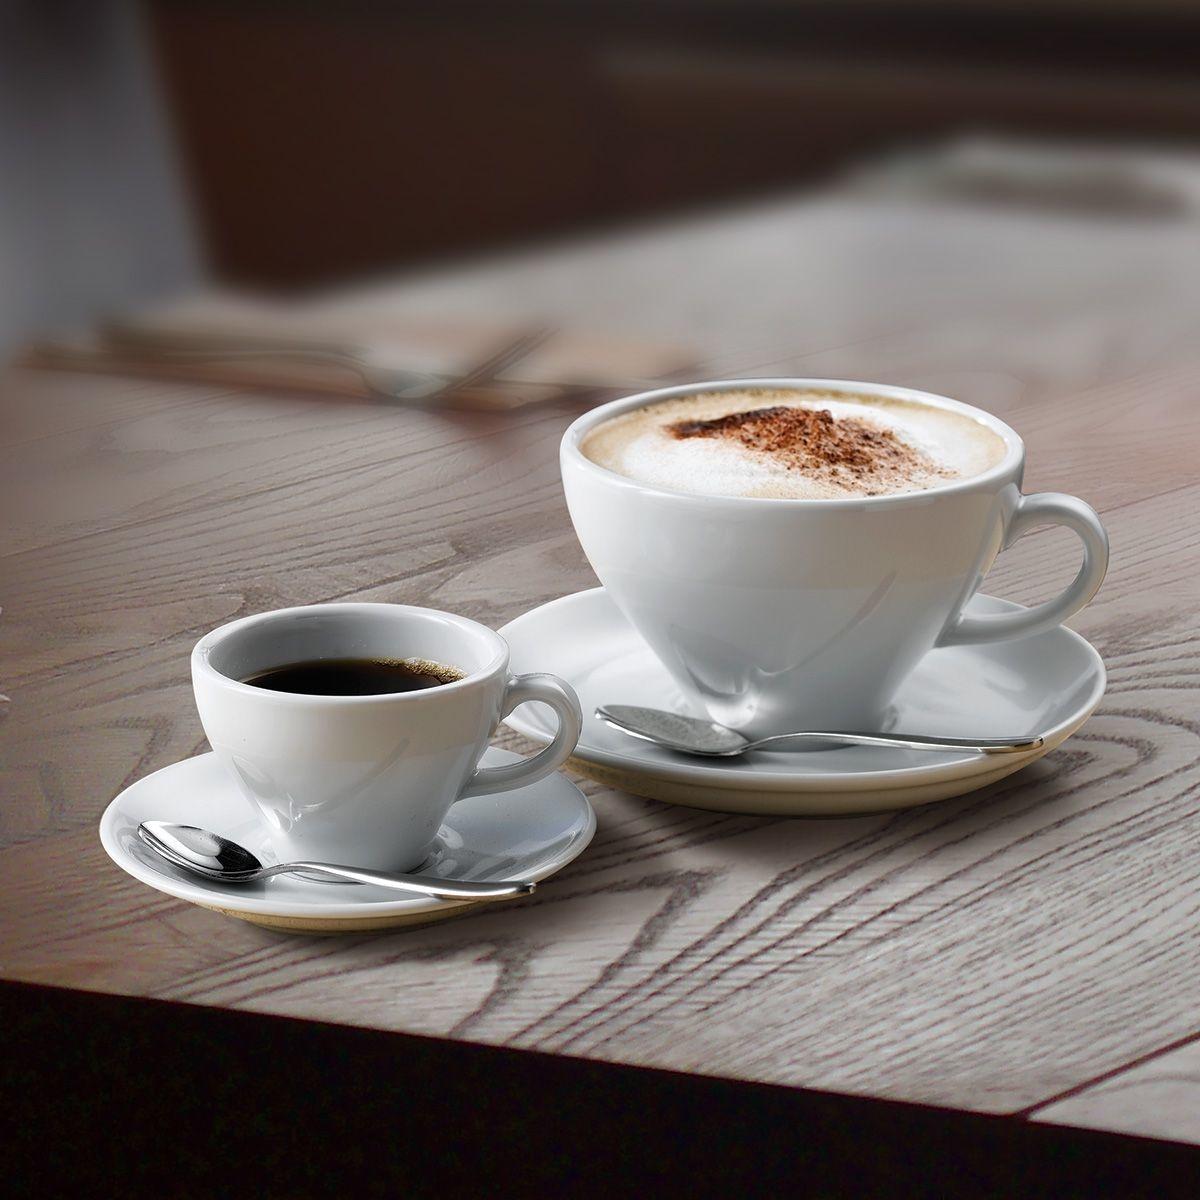 Coffeepoint koffie servies dat multifunctioneel is